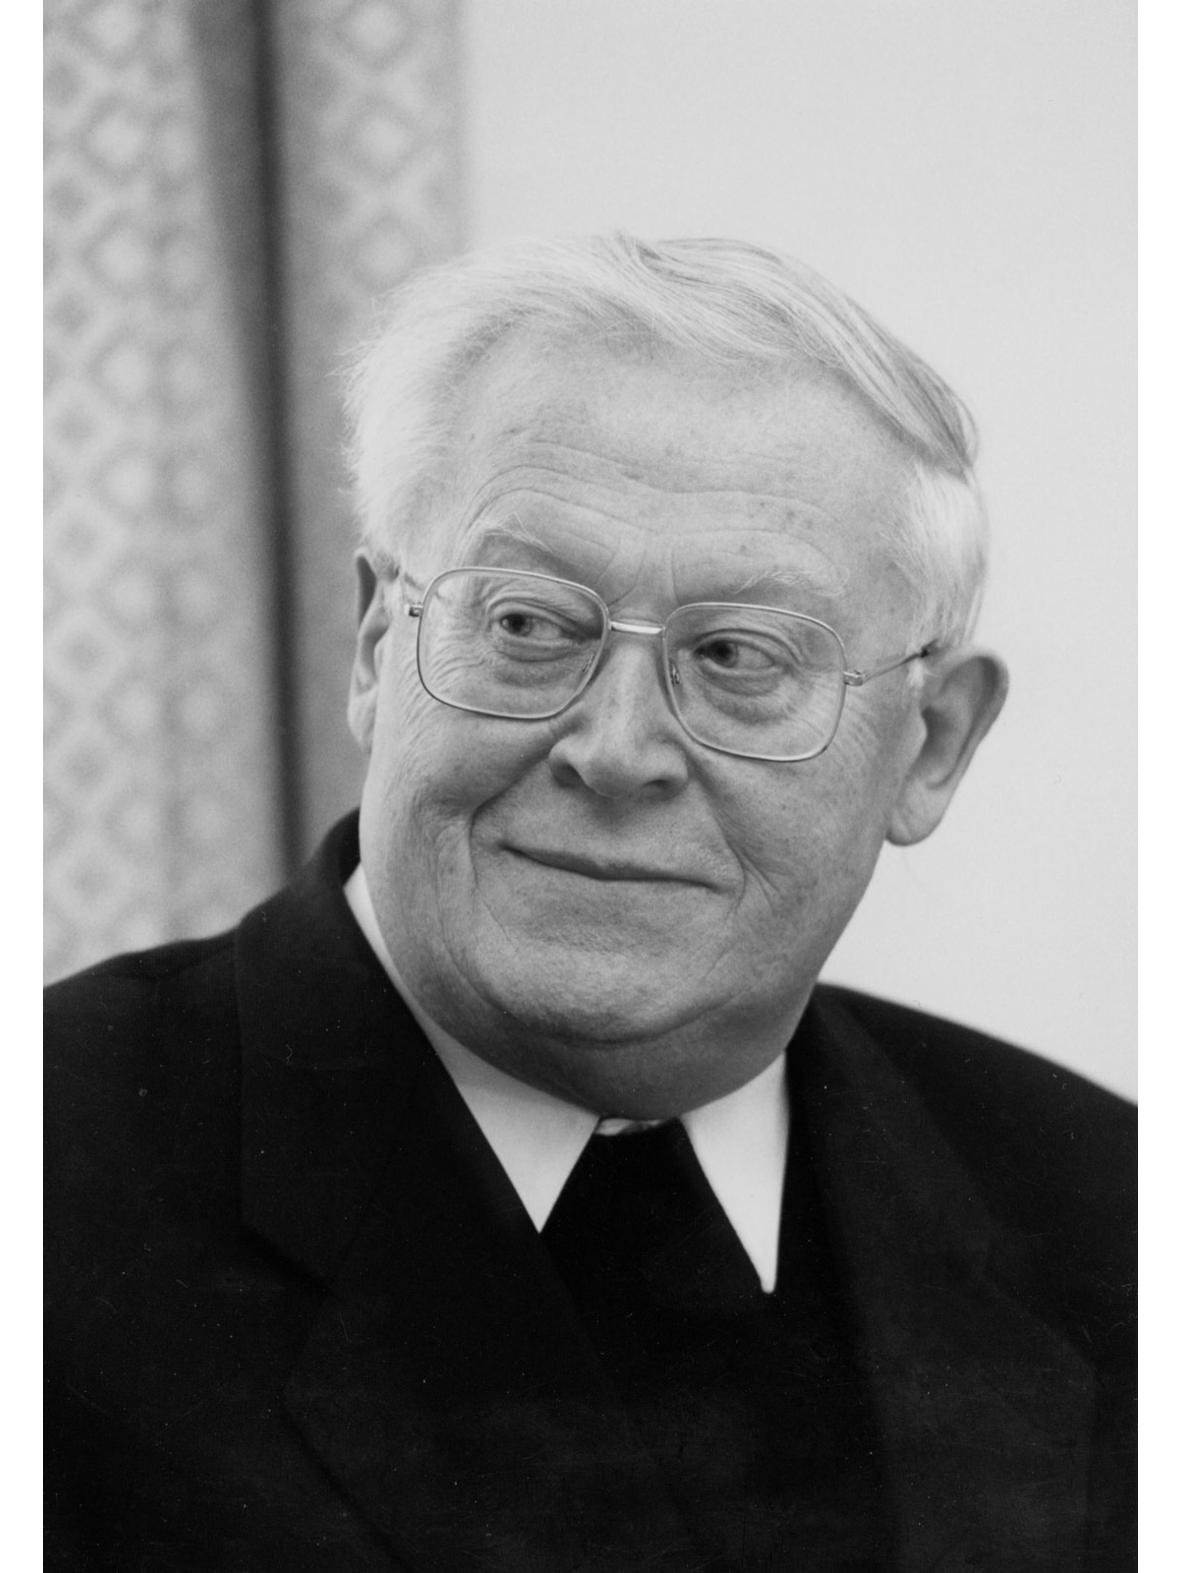 + Weihbischof Max Ziegelbauer (1923-2016)